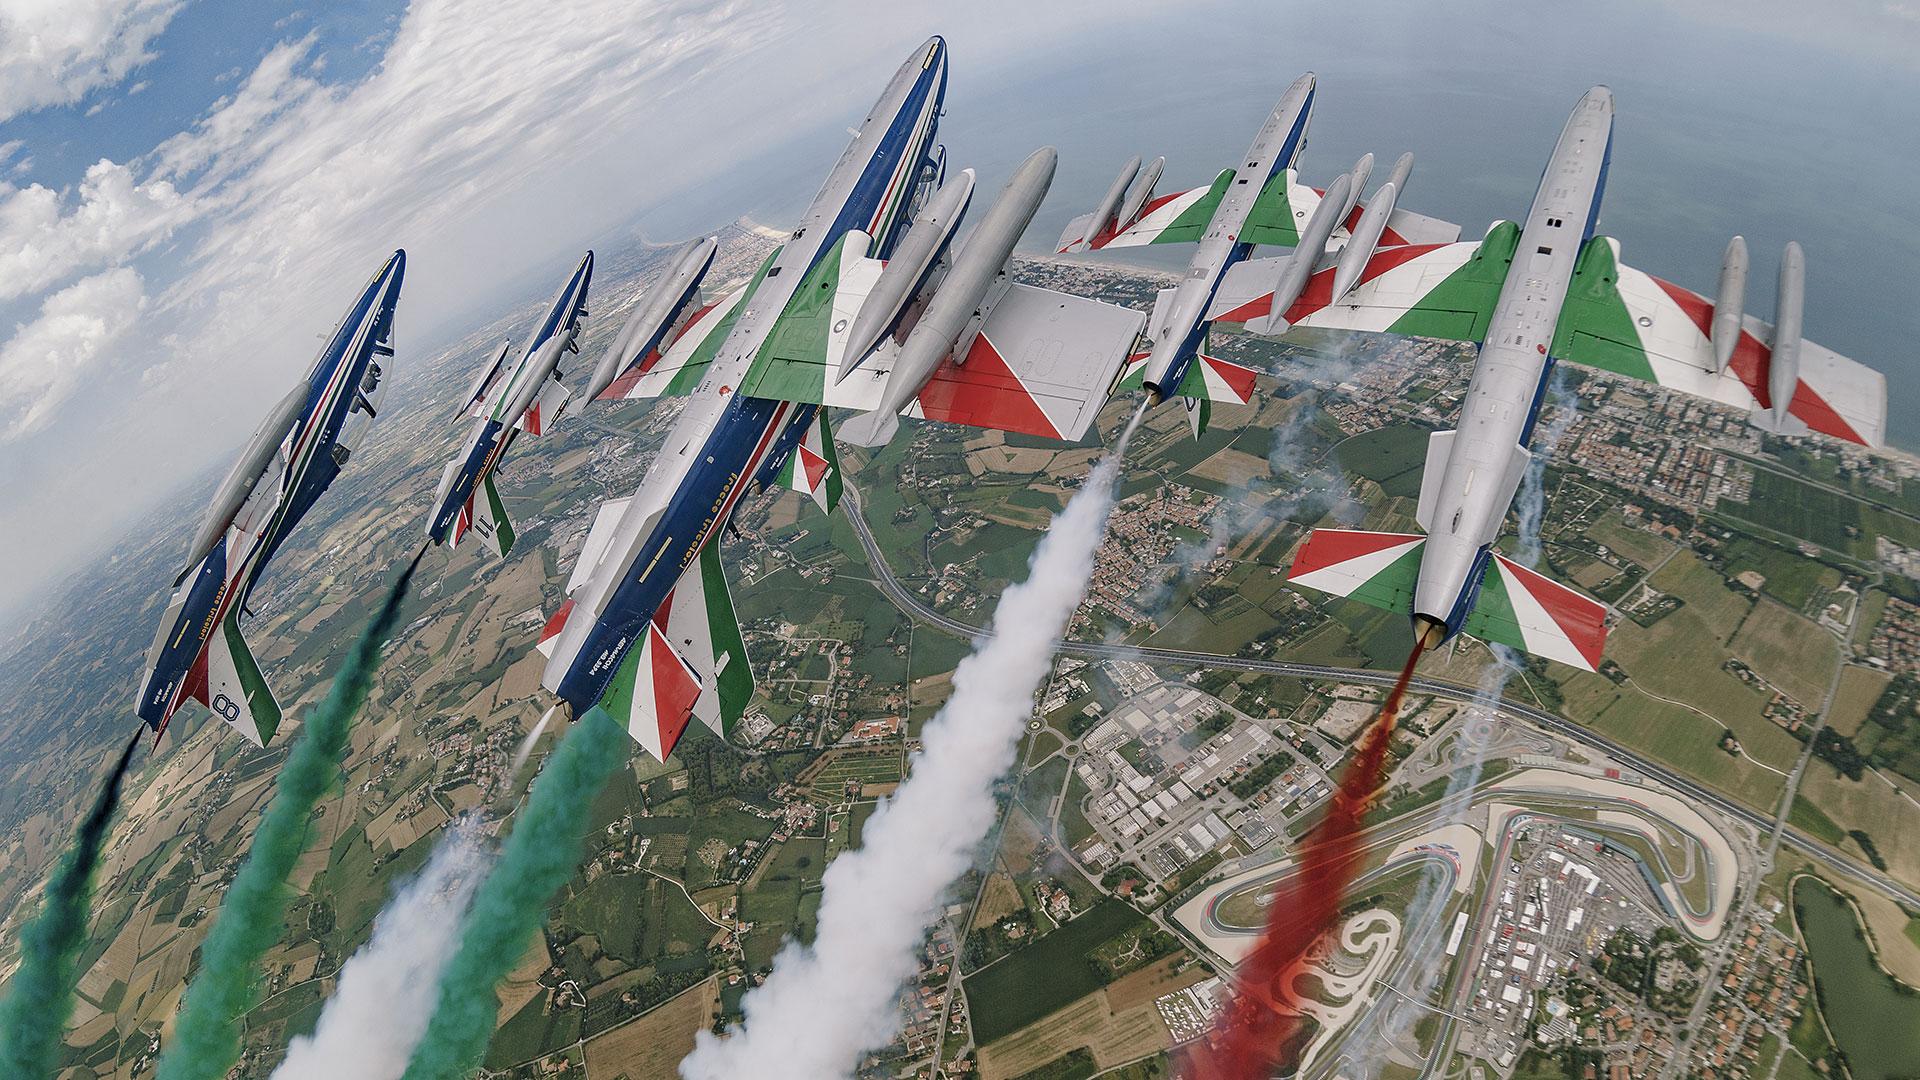 frecce-tricolori-60-anni-pan-pattuglia-acrobatica-nazionale-aeronautica-militare-(14)